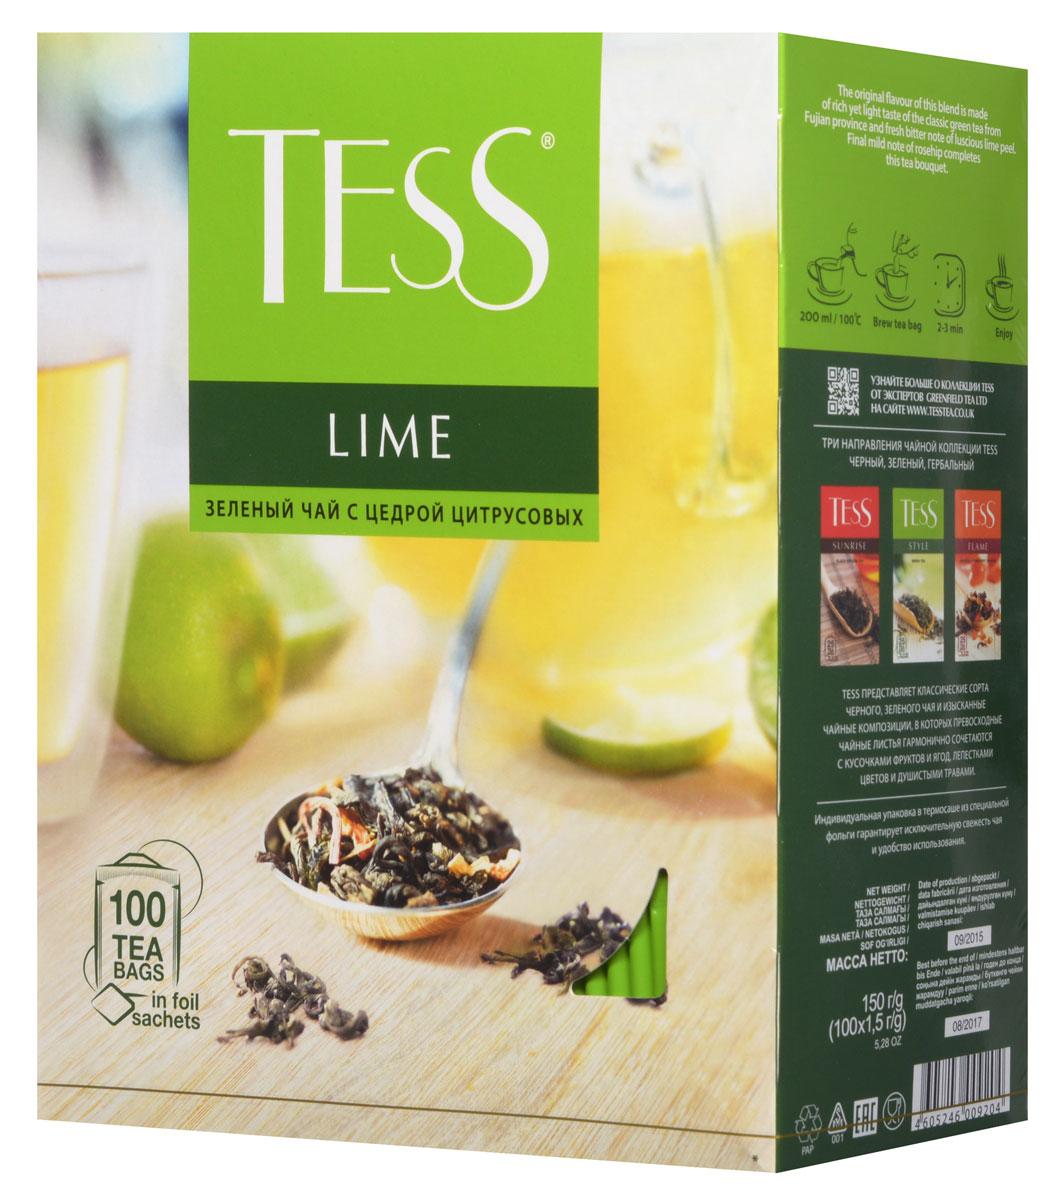 Tess Lime зеленый чай в пакетиках, 100 шт0920-09__новая упаковкаTess Lime - зеленый ароматизированный чай в пакетиках. Своей индивидуальностью этот сорт обязан гармоничному сочетанию насыщенного, но легкого вкуса классического зеленого чая из провинции Фудзяньи свежей горчинки цедры сочного лайма Заключительный штрих - мягкий оттенок шиповника - придает завершенность чайному букету.